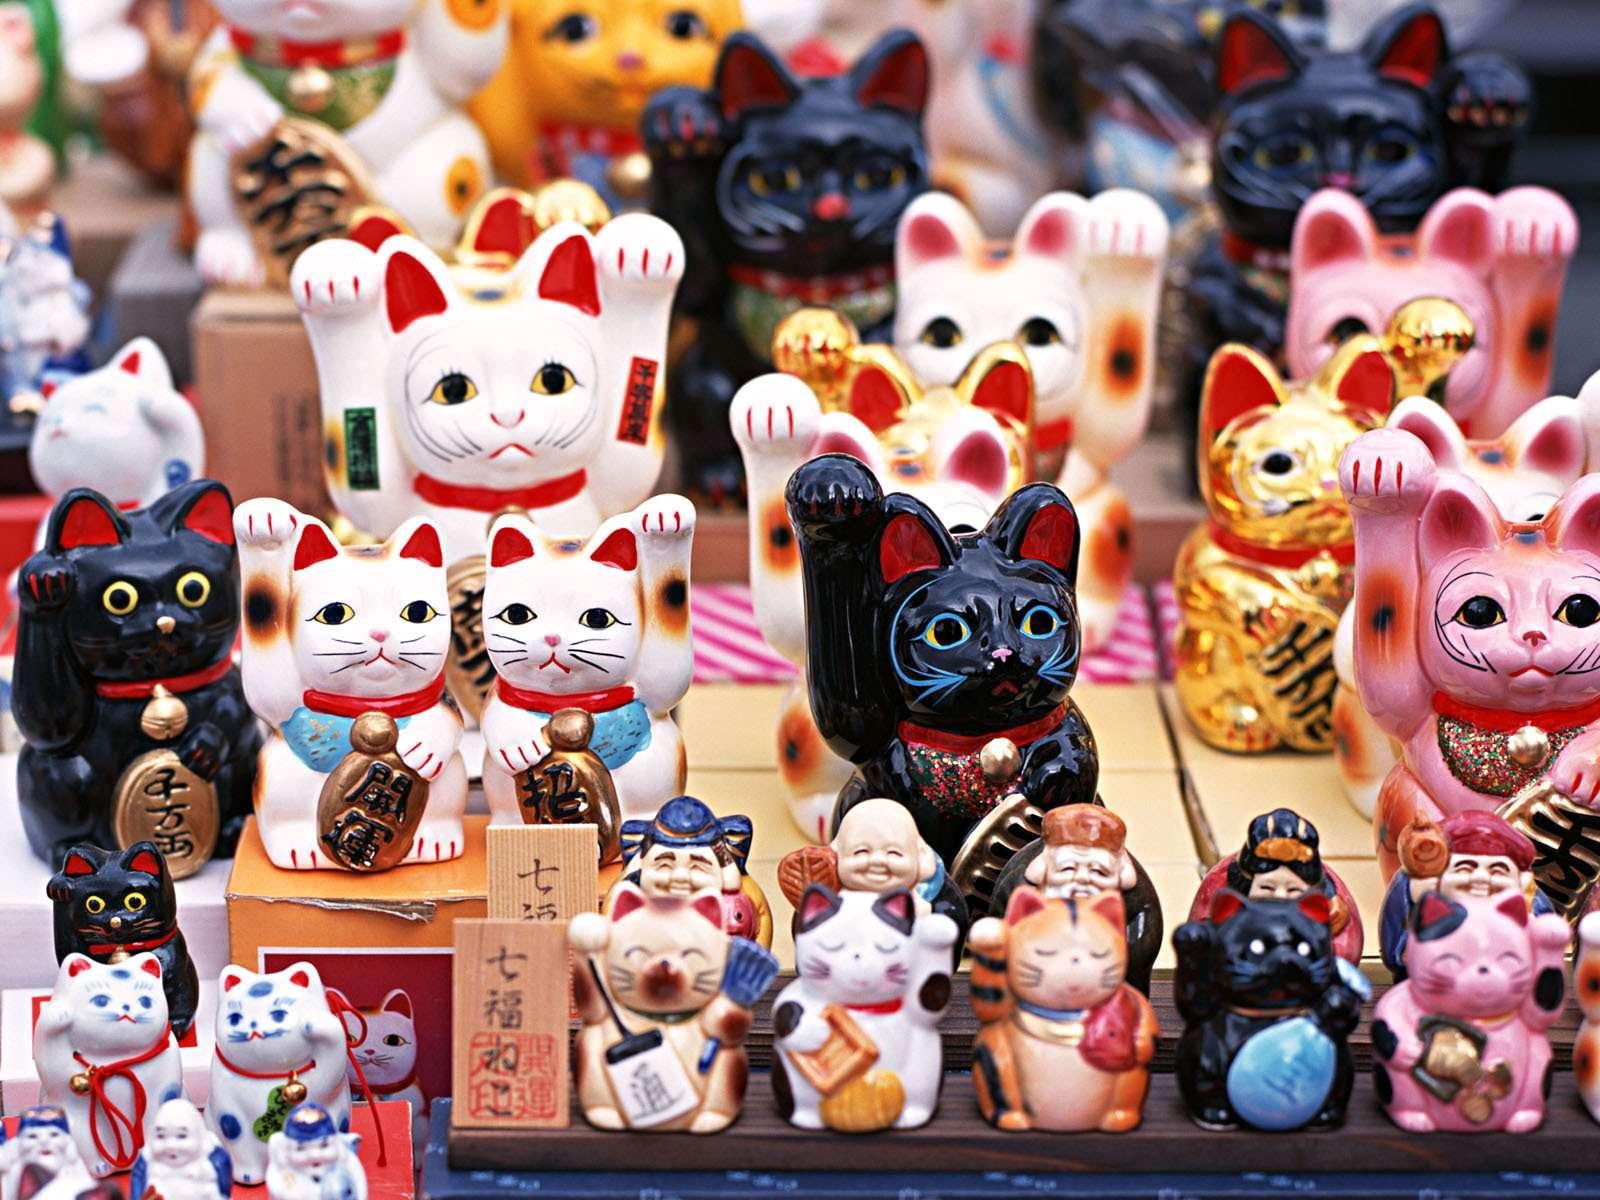 Người dân ở đây tin rằng chú mèo này sẽ mang lại may mắn và sự thịnh vượng trong kinh doanh.